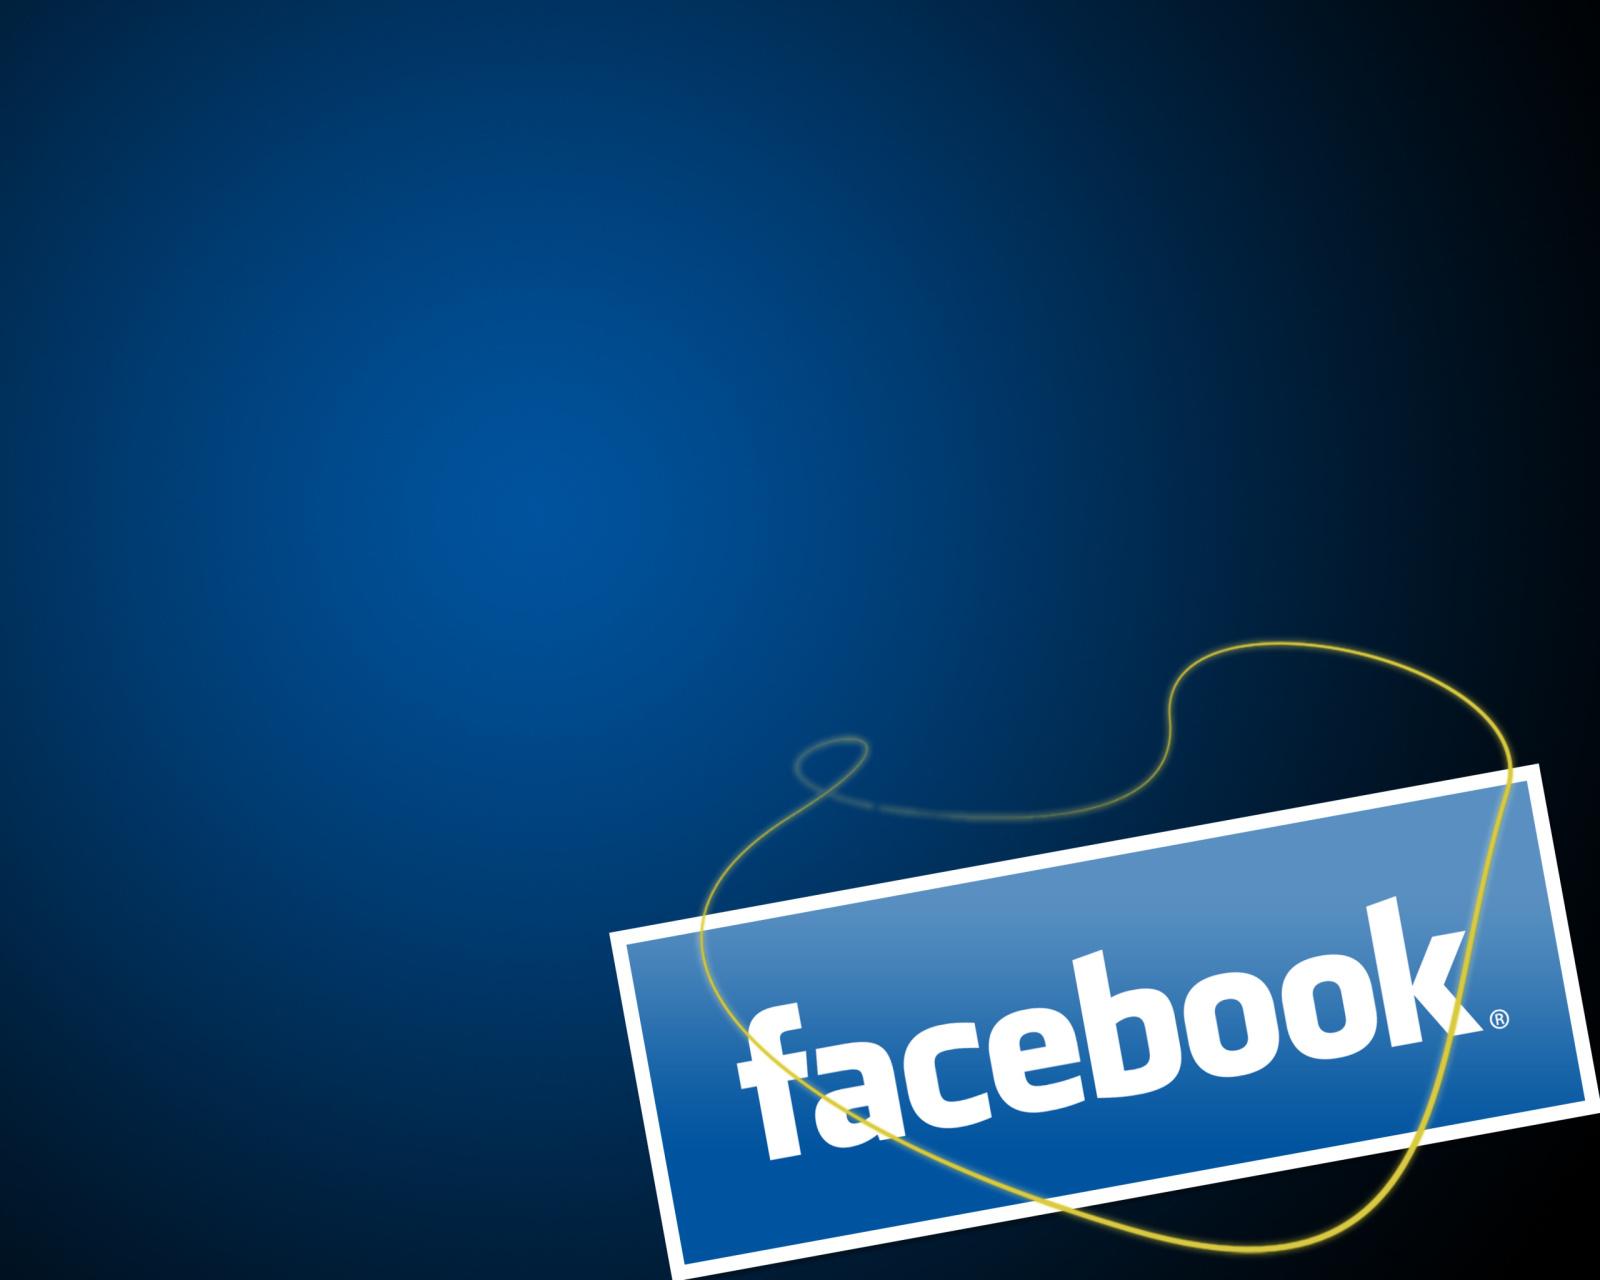 Классные картинки в фейсбук использовать